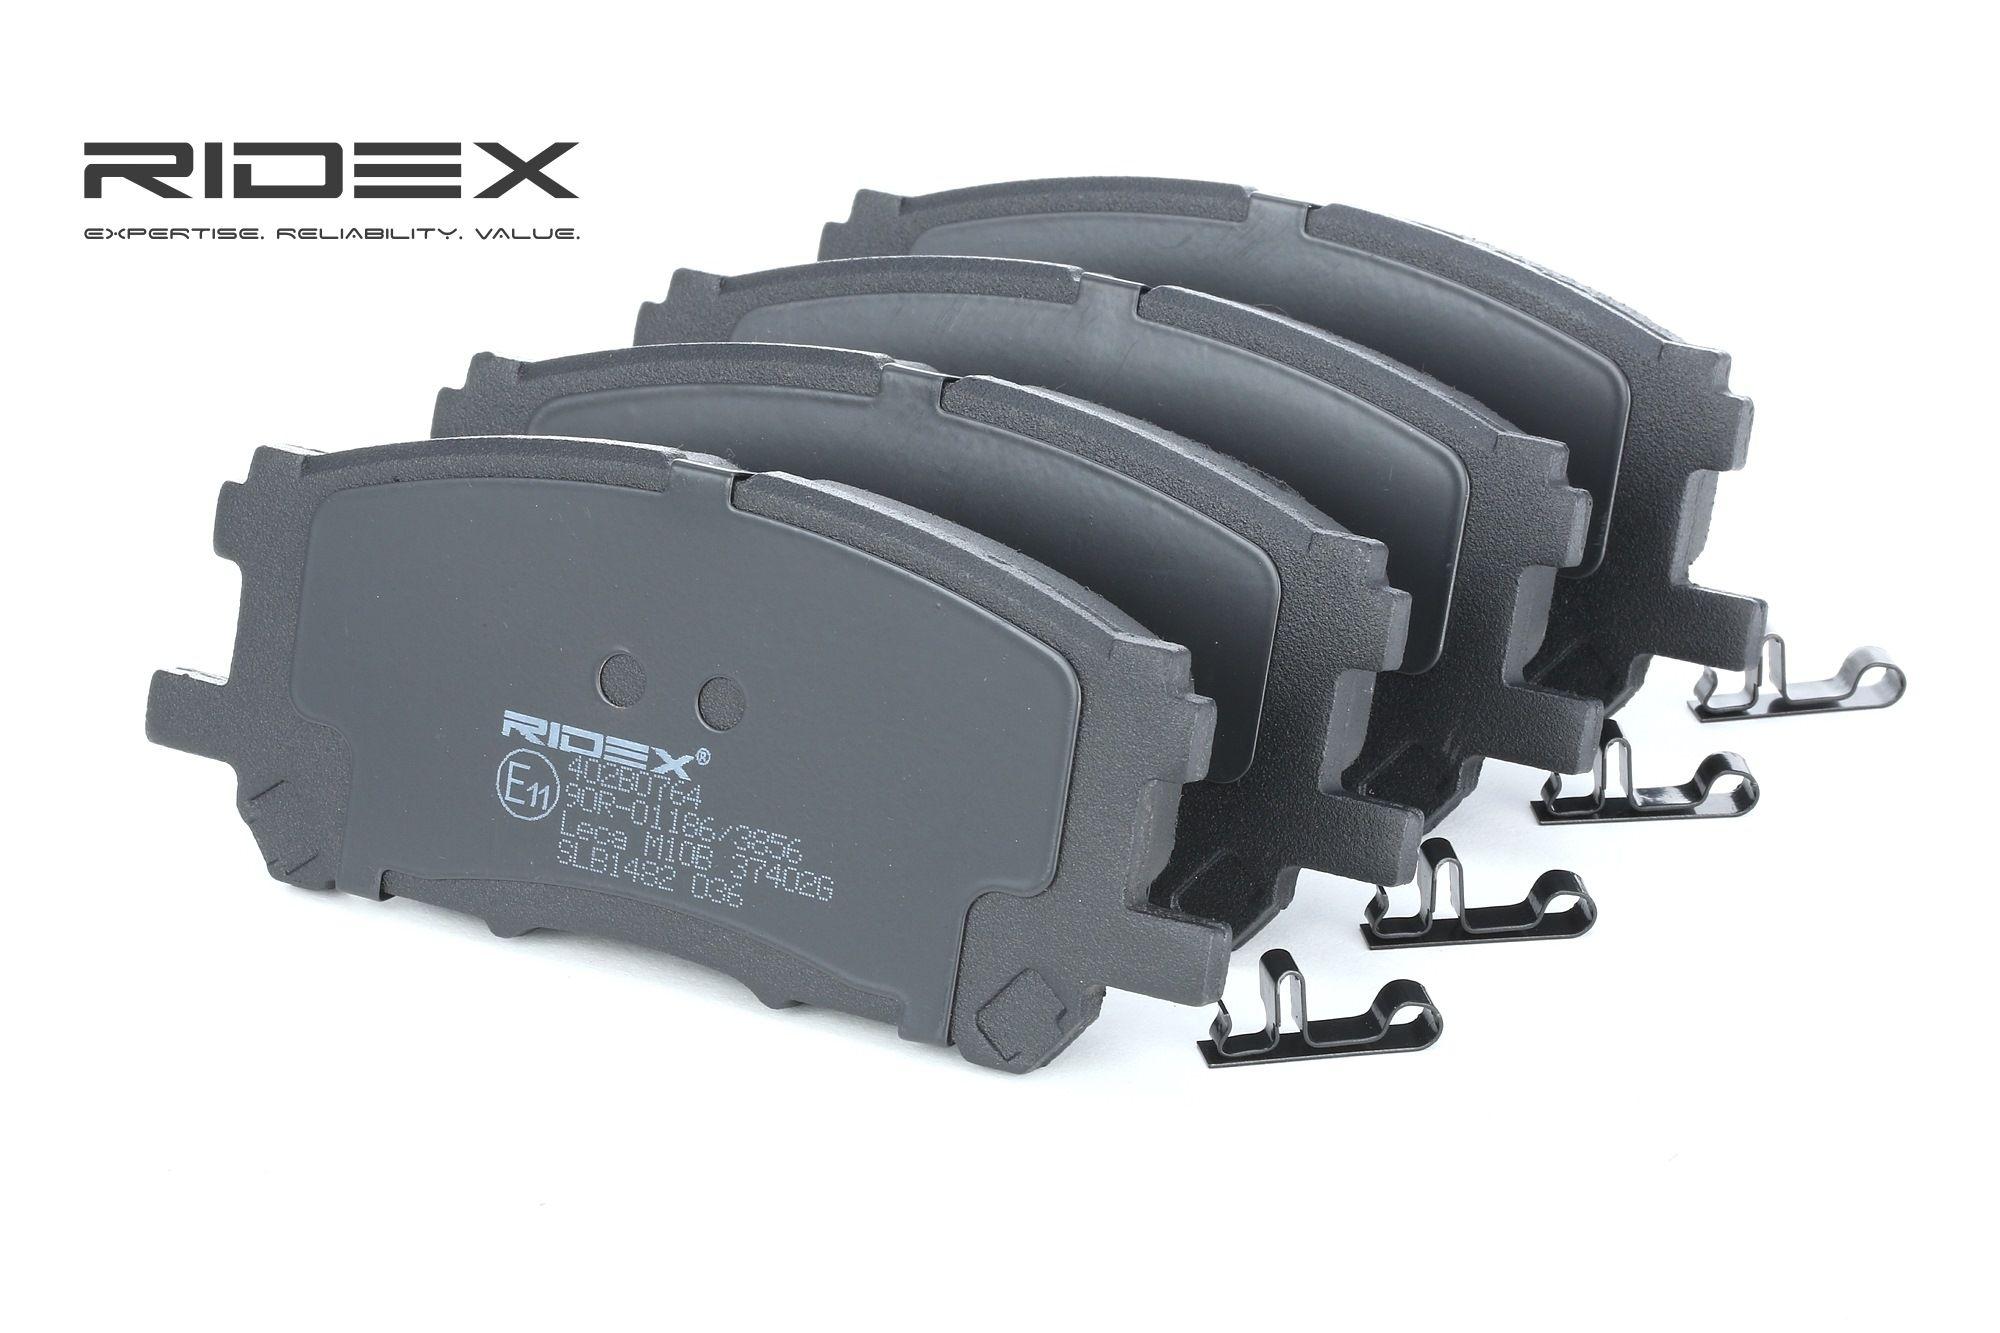 LEXUS GS 2020 Bremsbelagsatz - Original RIDEX 402B0764 Breite: 59,6mm, Dicke/Stärke: 16,9mm